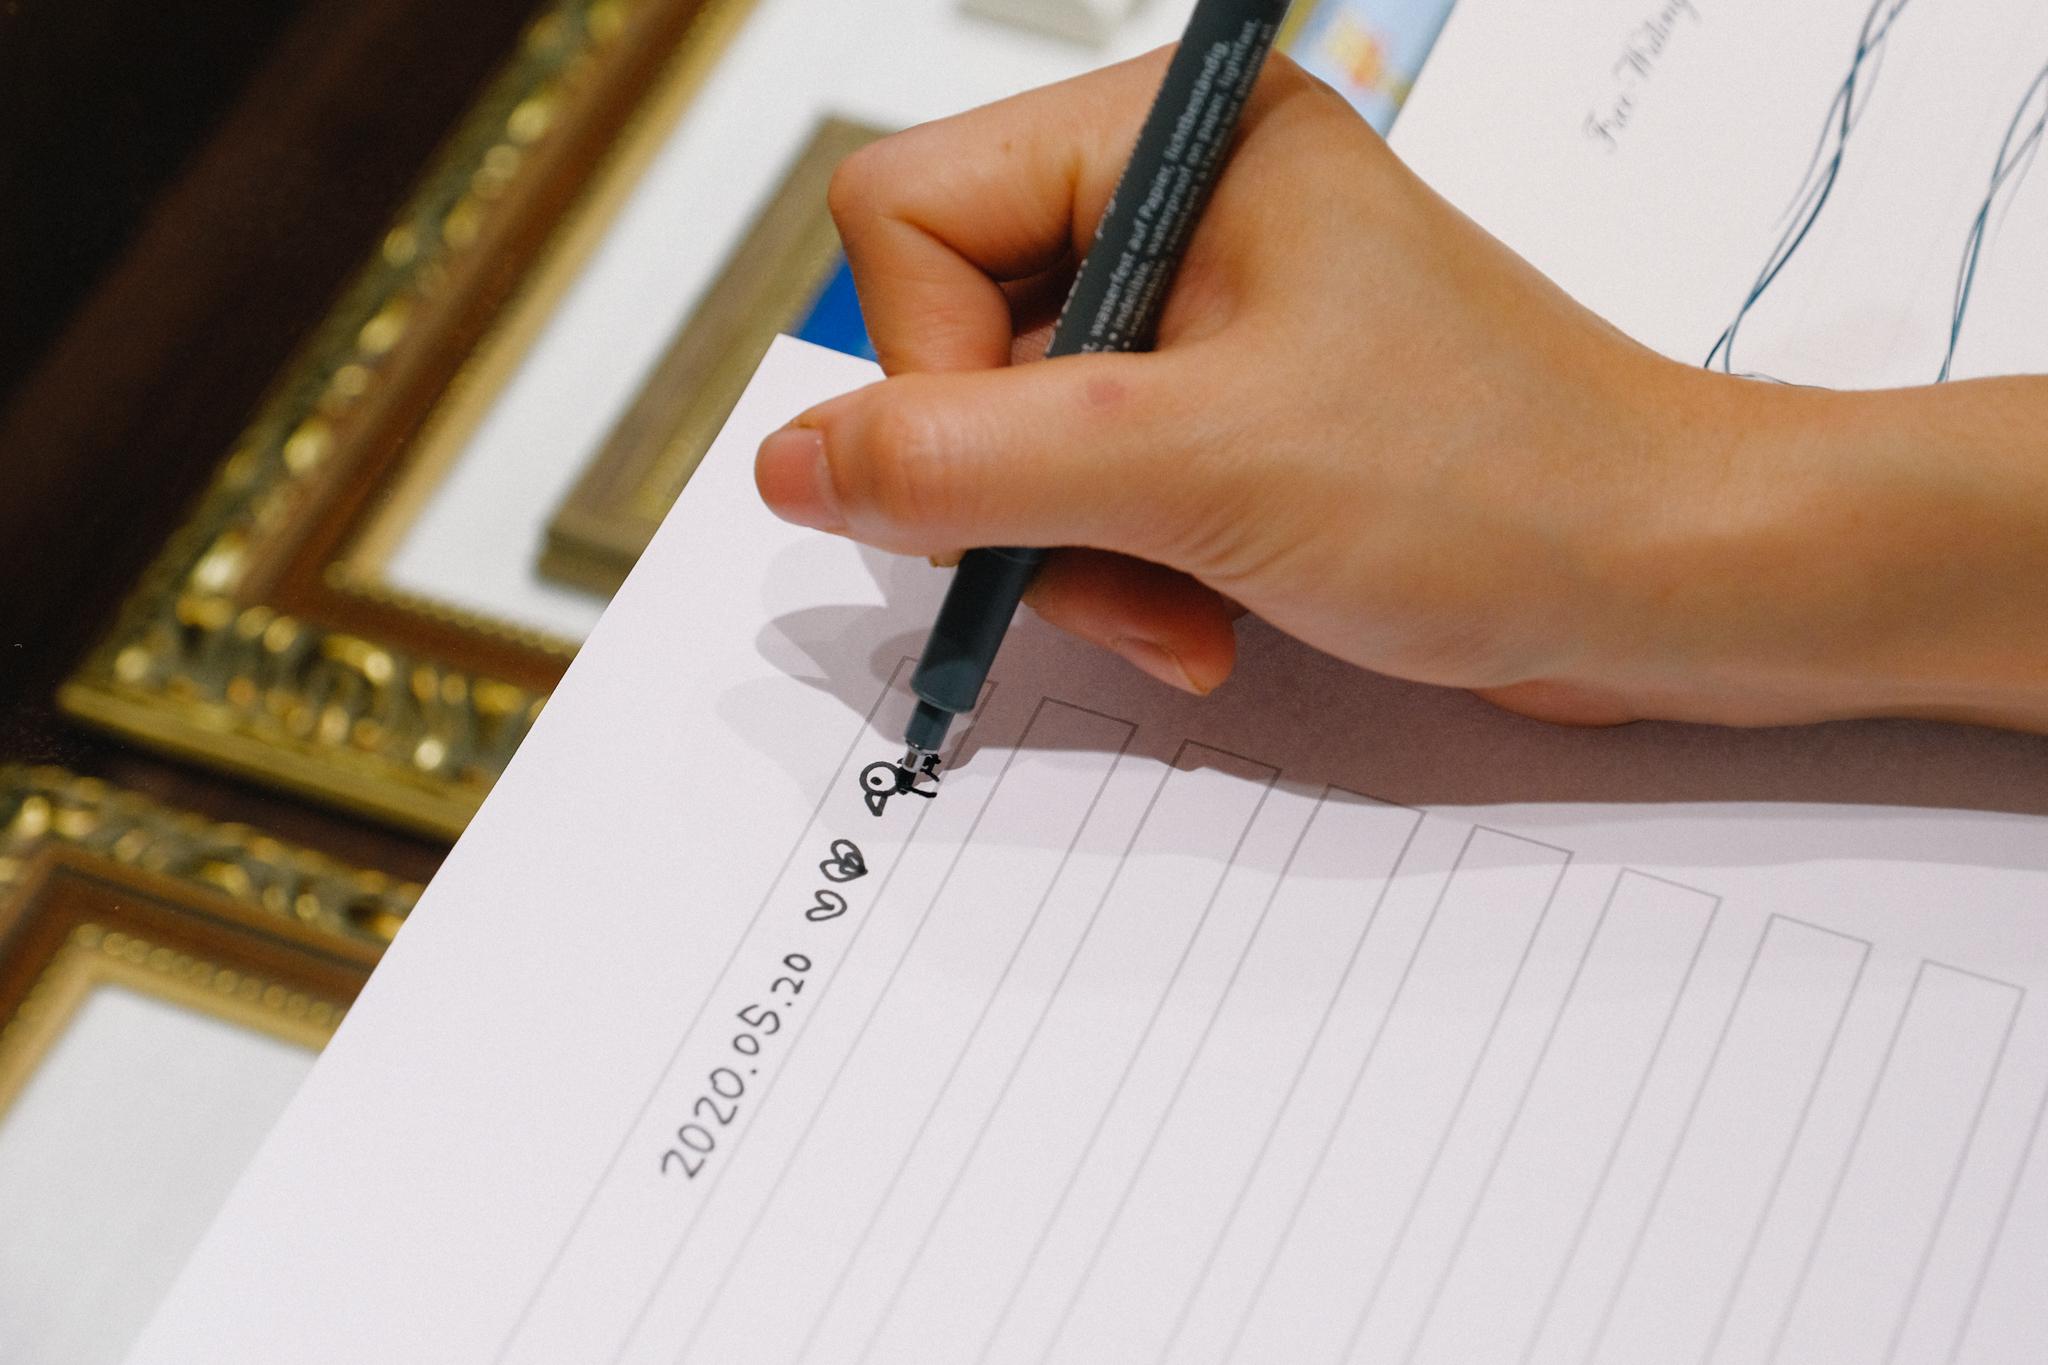 K.UNO 客製化服務 Free Writing刻印